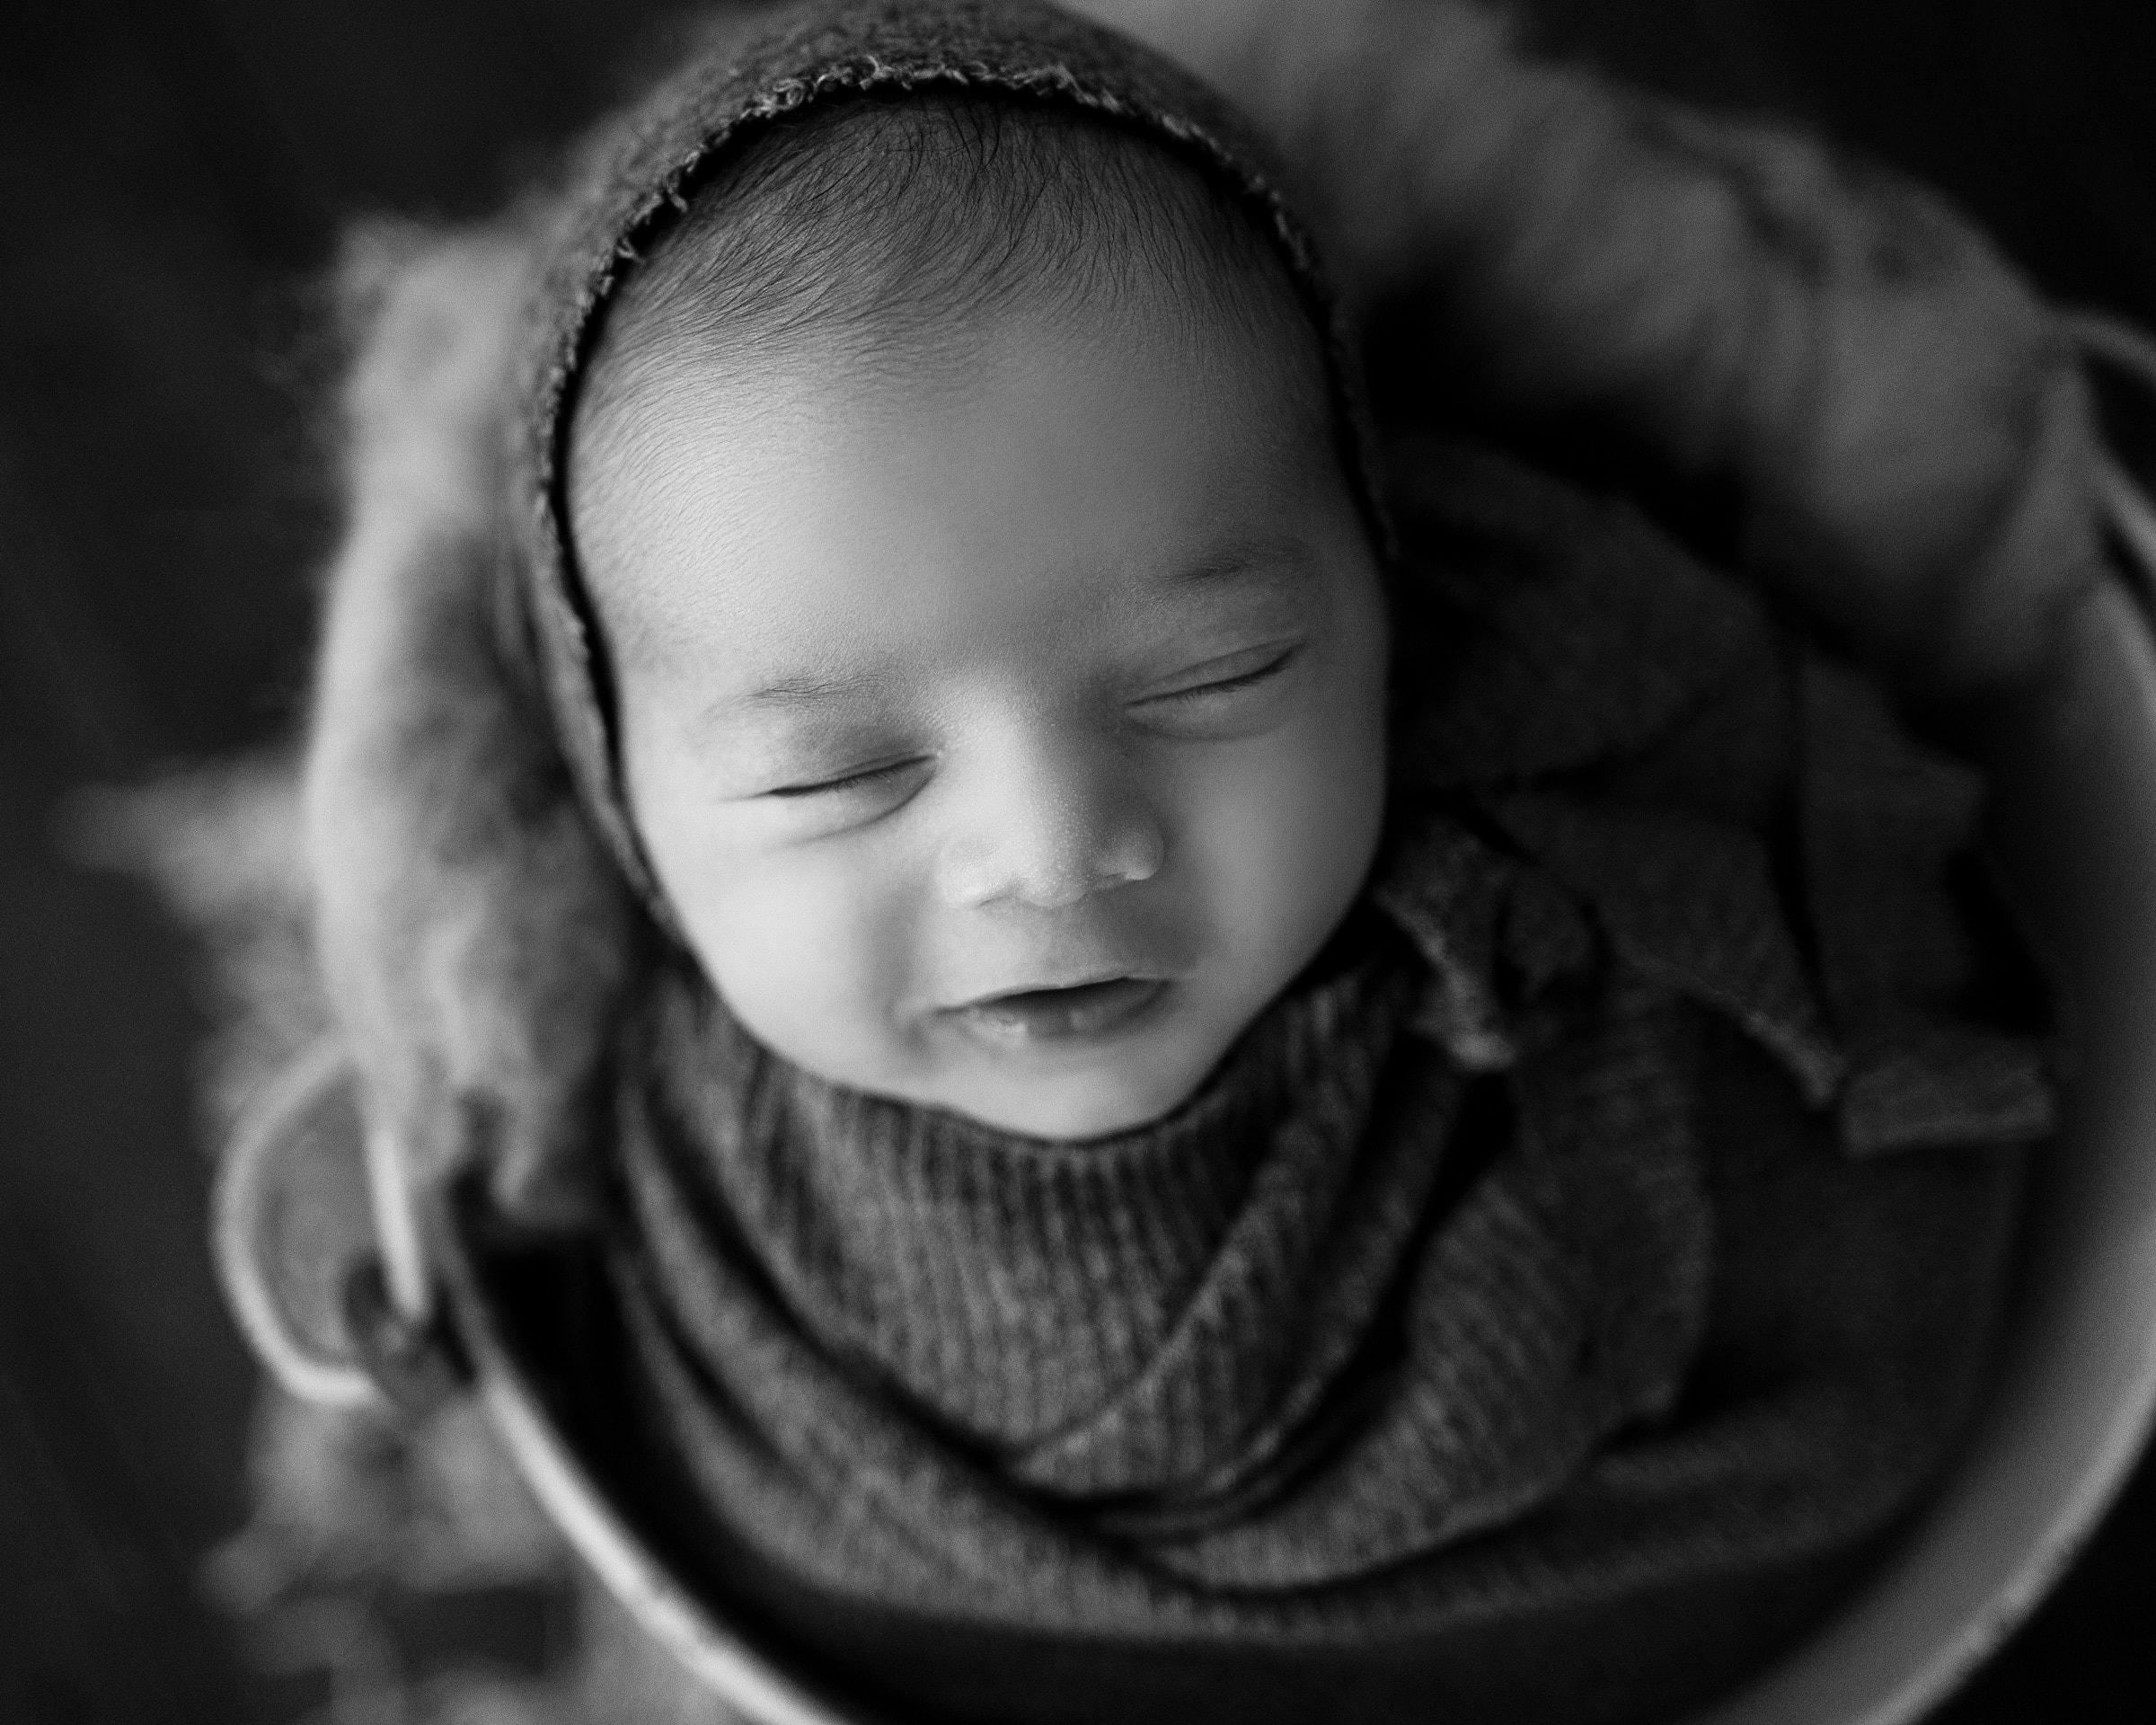 raleigh newborn photographer - baby kian 3